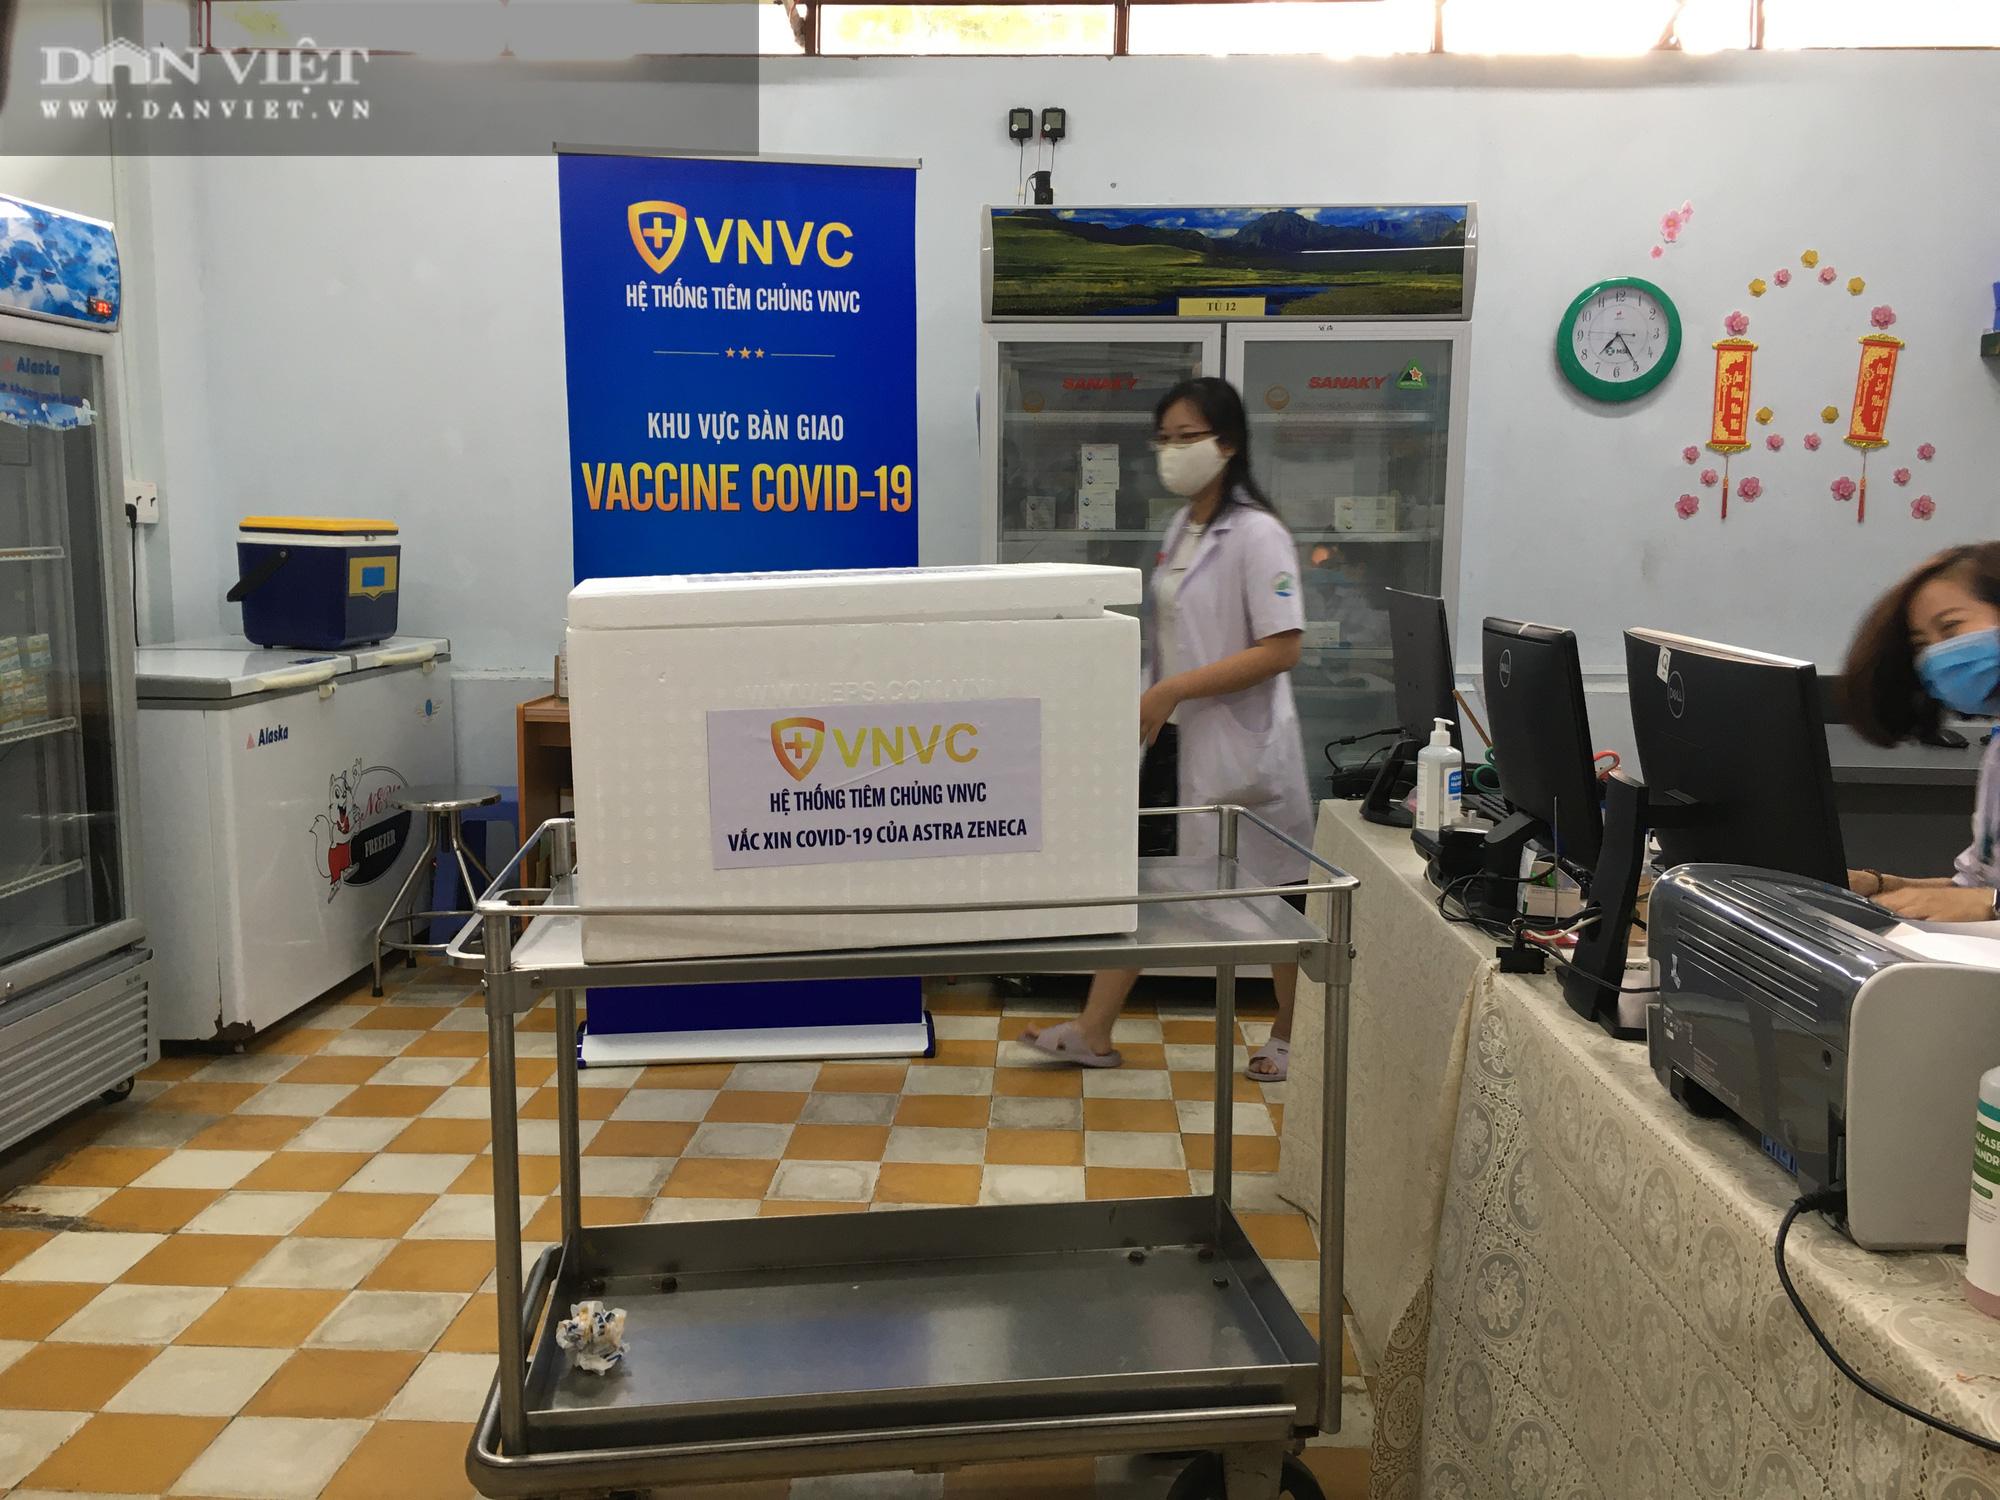 NÓNG: Cận cảnh lô vaccine Covid-19 tiêm đợt đầu tiên tại TP.HCM - Ảnh 10.